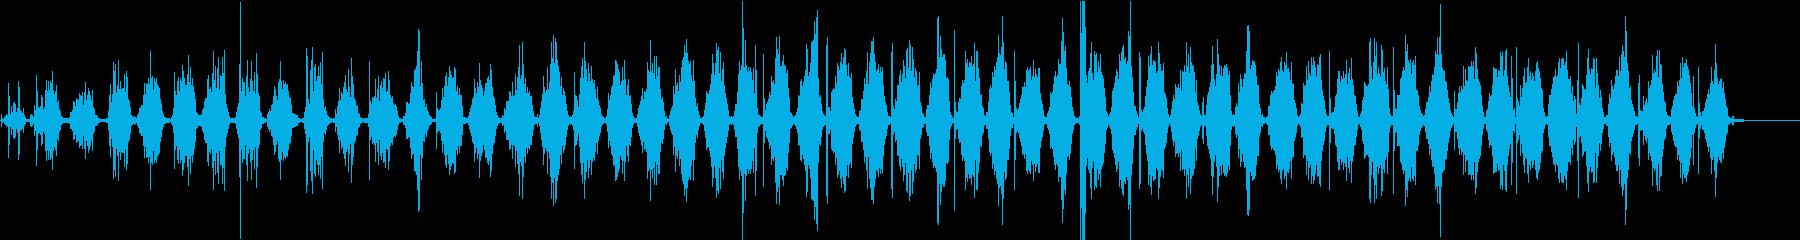 【生録音】ノコギリで物を切る音 1の再生済みの波形